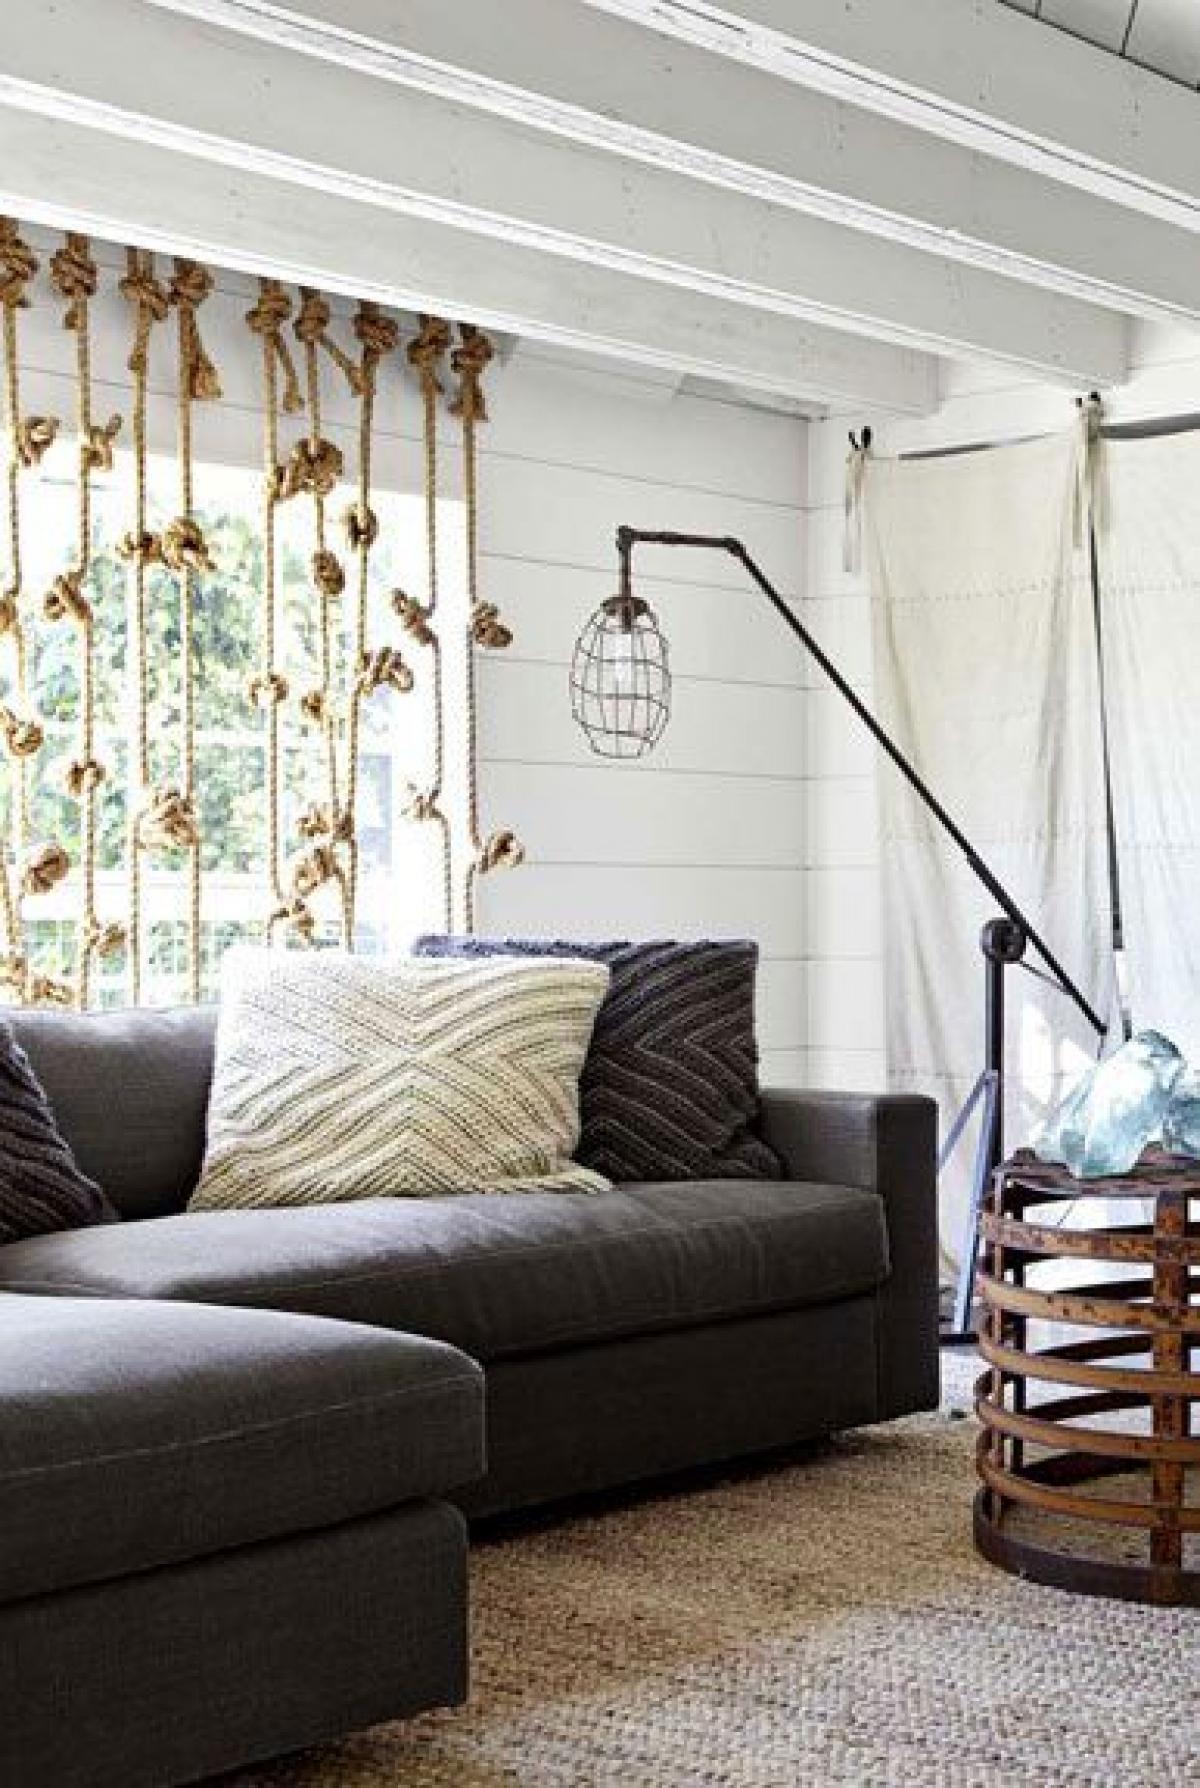 Rèm cửa: Hãy thay thế những tấm rèm cửa dày, nặng trịch u ám của mùa đông bằng những tấm rèm cửa có chức năng cản nắng có màu sắc tươi vui. Hoặc rèm cửa biến tấu từ dây thừng, đồ tái chế... cũng giúp nhà bạn thêm phần sinh động.